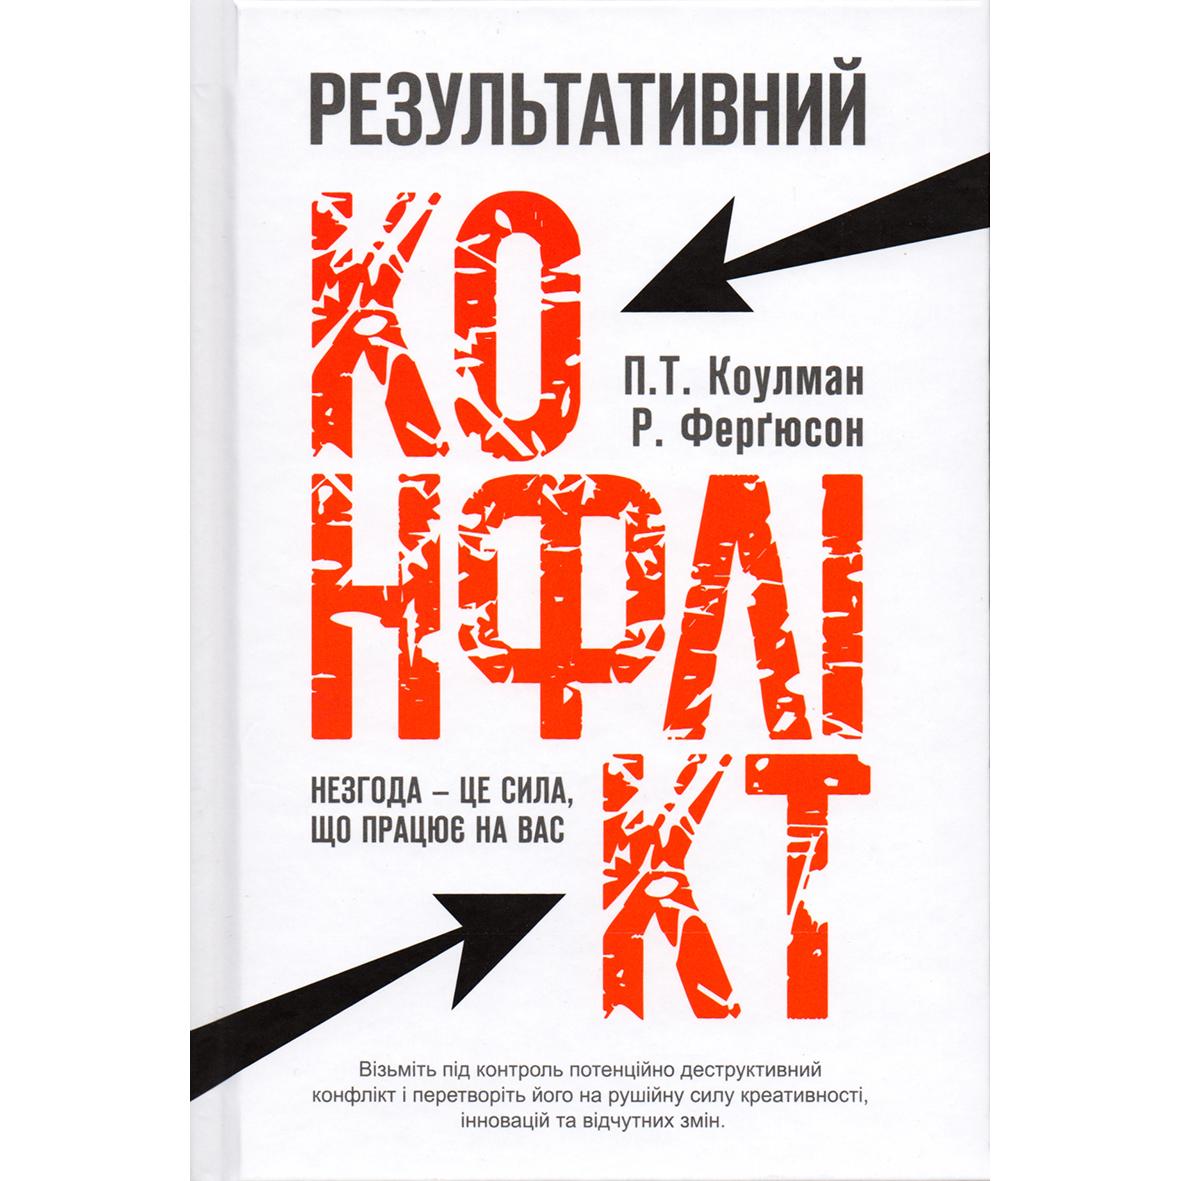 Купити книгу Результативний конфлікт, Коулман, Ферґюсон | Bukio